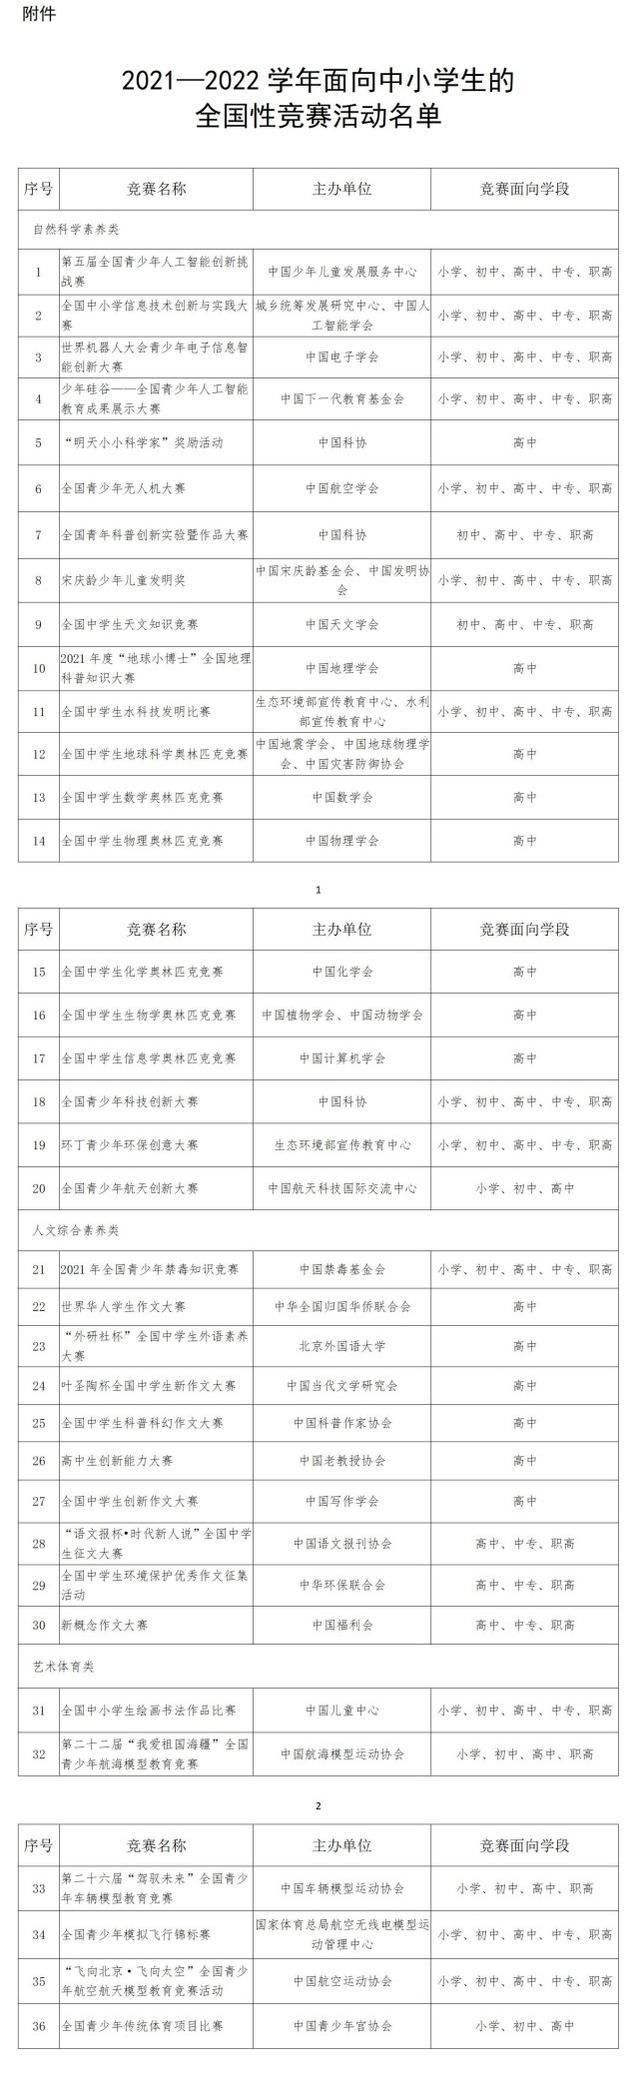 教育部公布中小学全国性竞赛名单